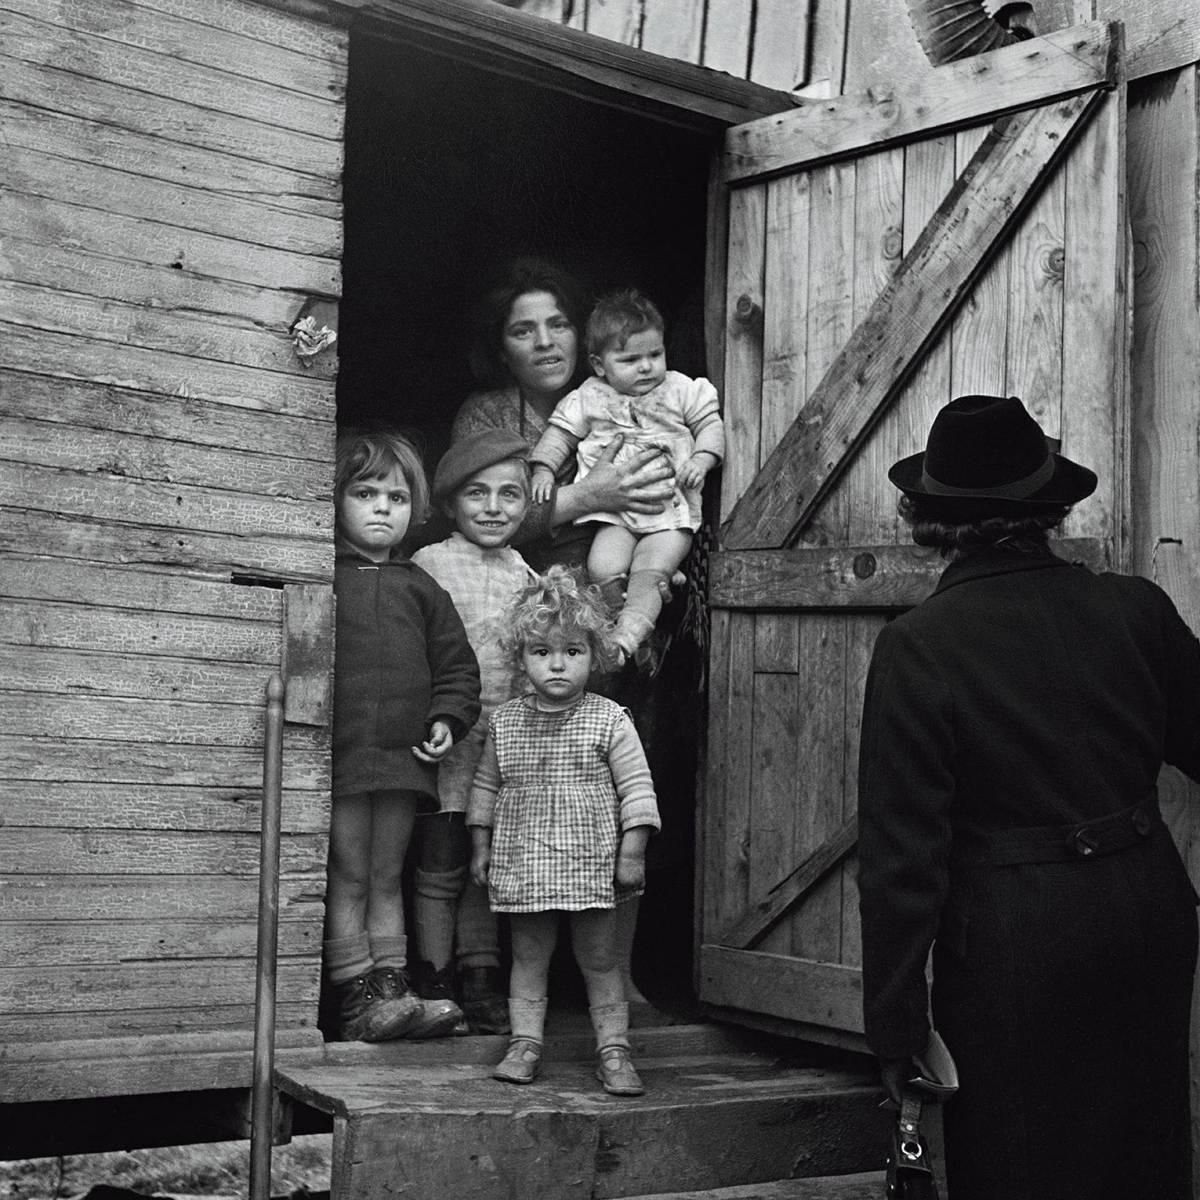 Germaine Chaumel, La visita dell'infermiera, Tolosa, Francia, 1939 © Germaine Chaumel, Fonds Martinez - Chaumel - Mairie de Toulouse, Archives municipales